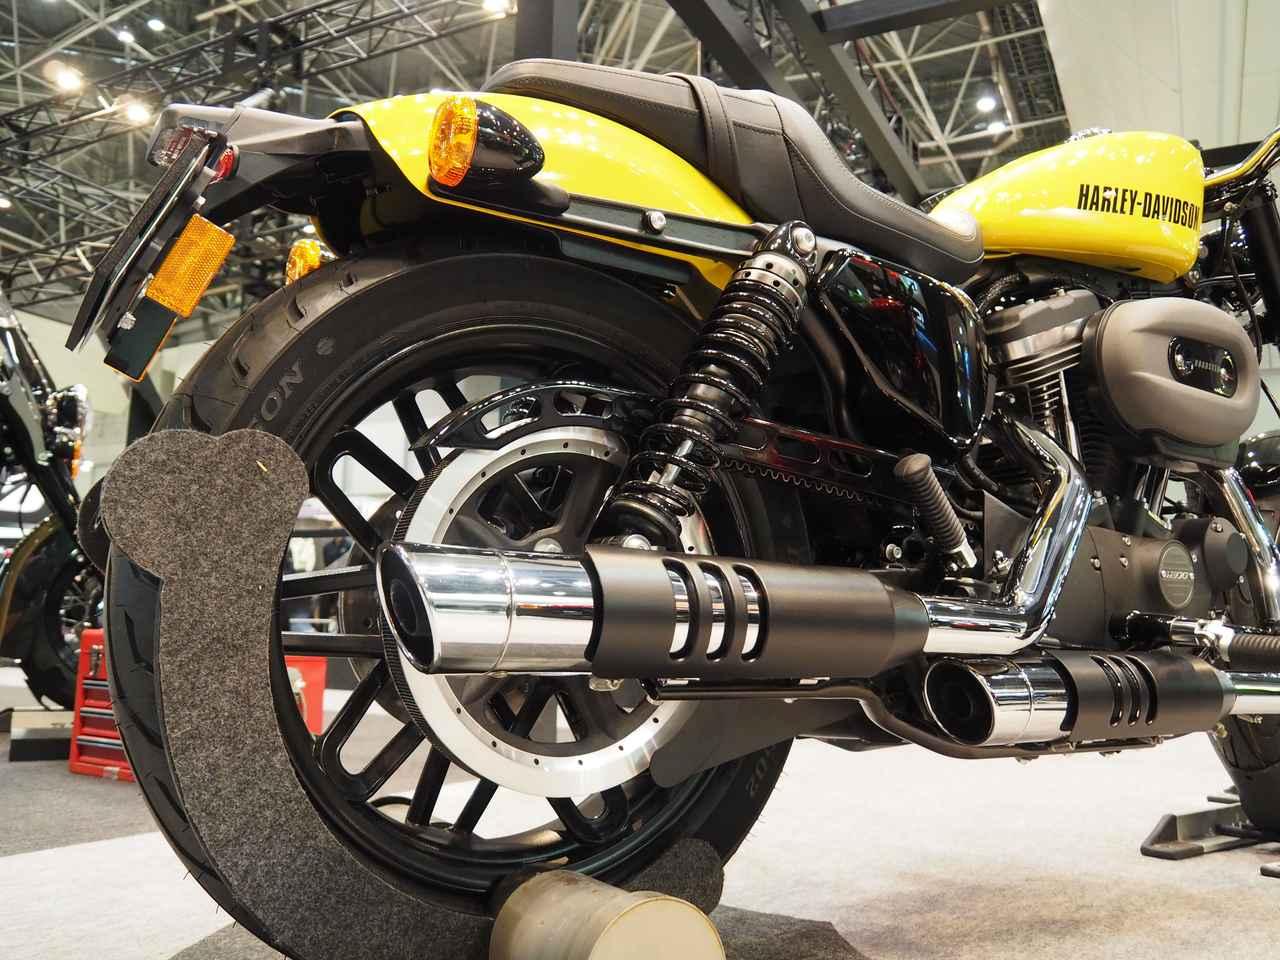 画像: 東京モーターサイクルショーで日本初公開となった「Screamin' Eagleパフォーマンスマフラー」のROADSTER™用モデル